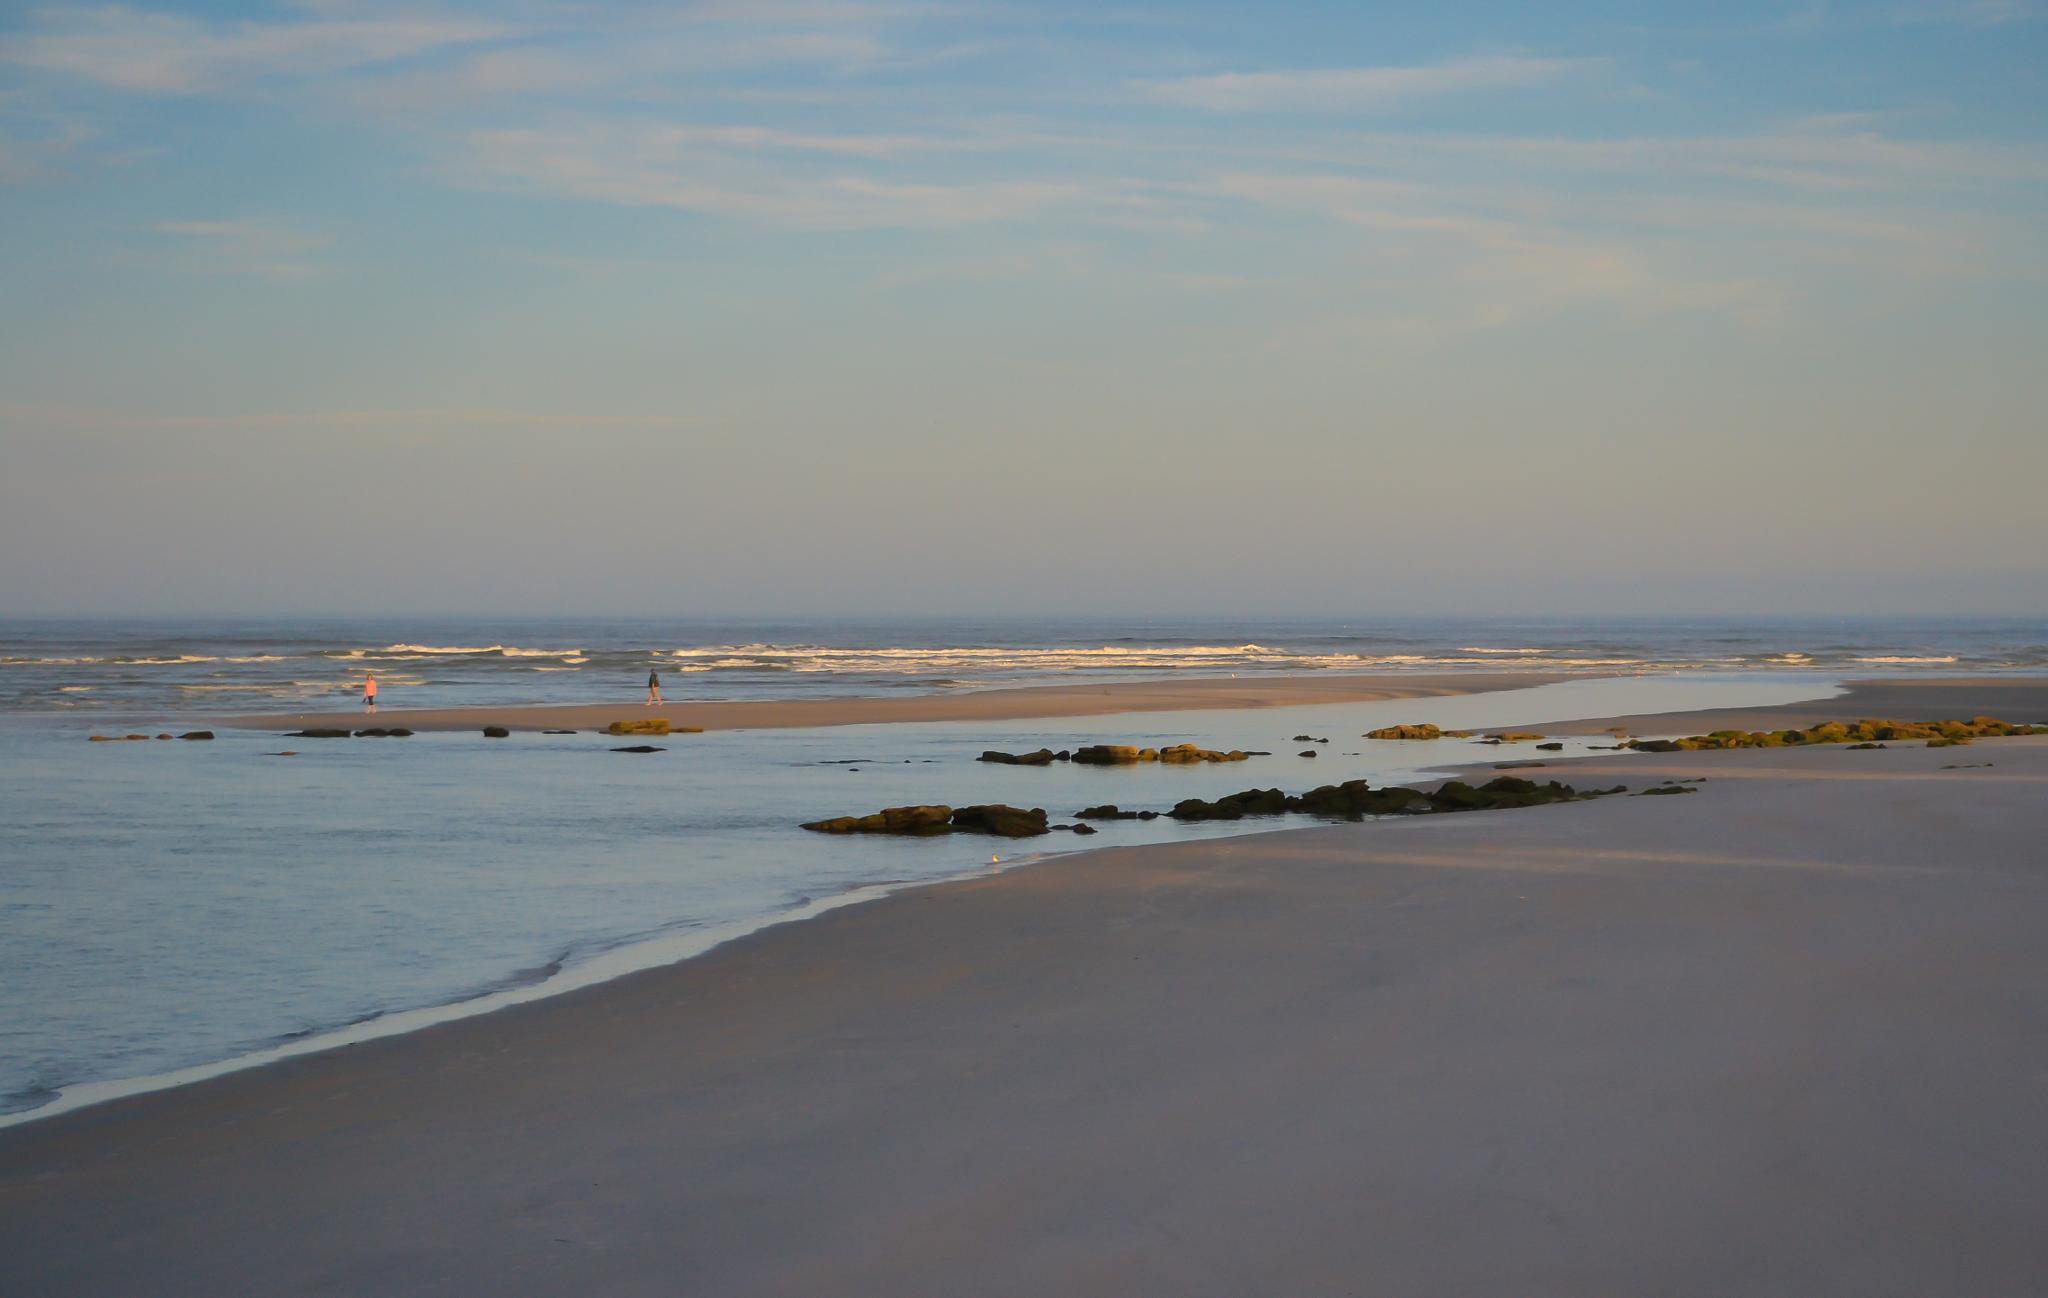 Beach at Dusk by Jan Herren